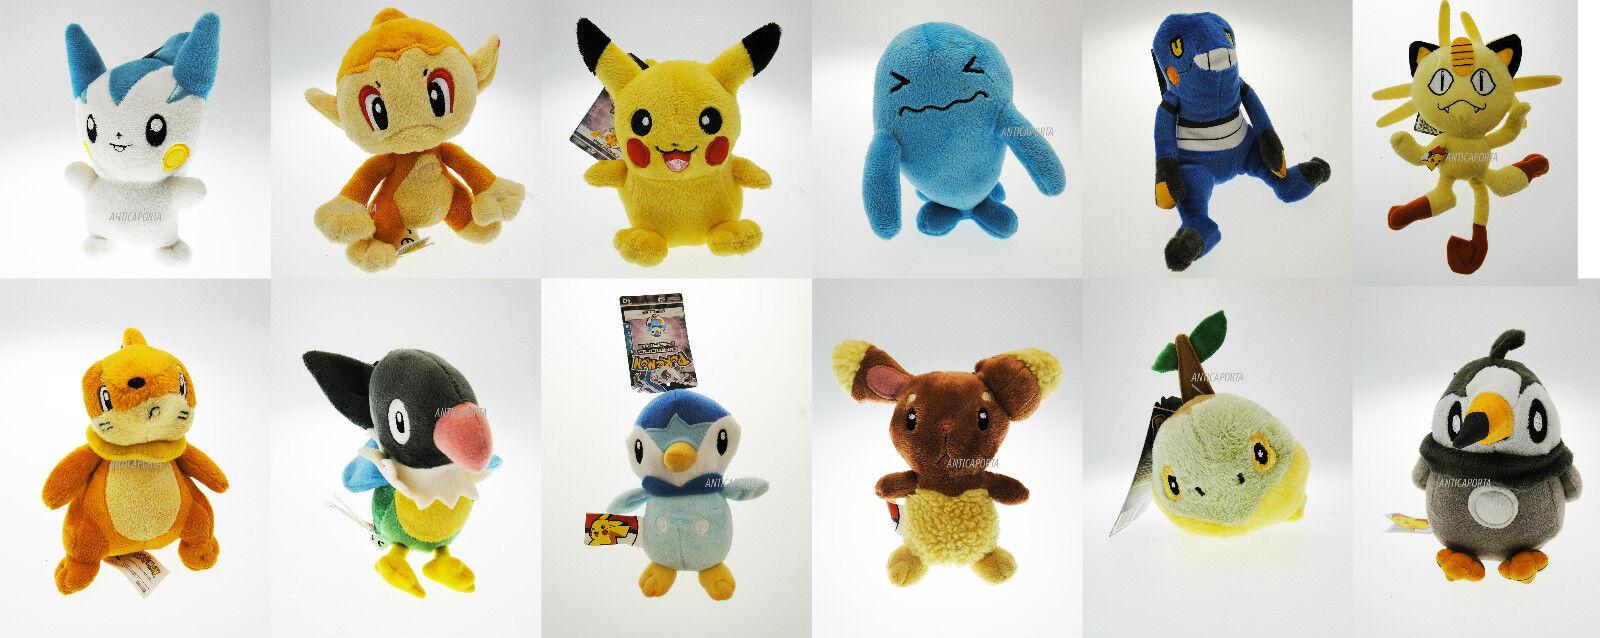 Peluche Pokemon Go Originaux Velours 4^ génération Flora De Pikachu 12 types